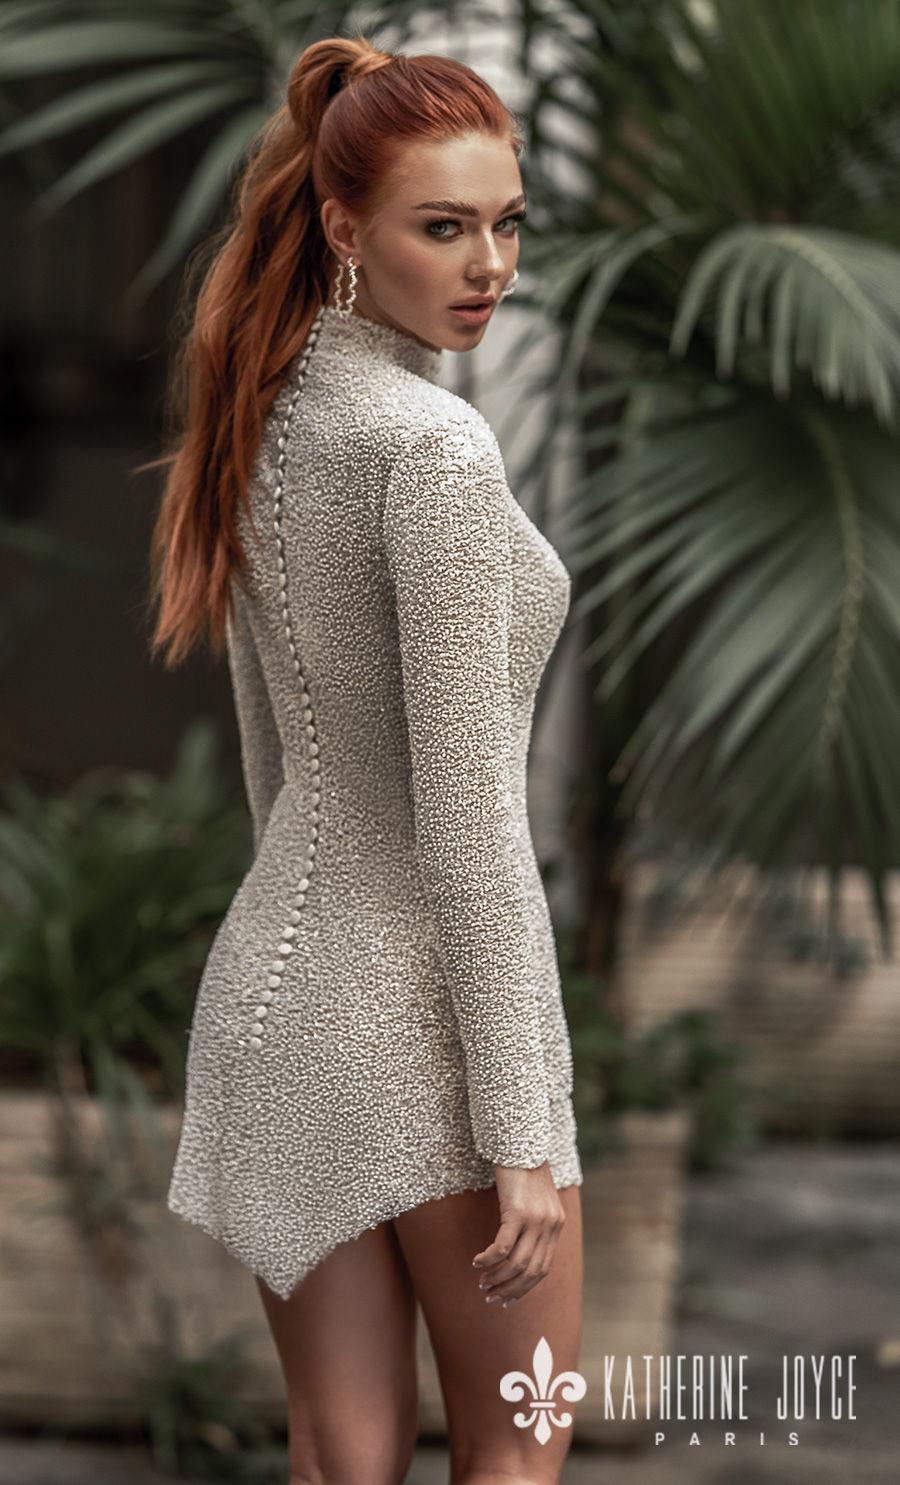 katherine joyce 2021 naples bridal long sleeves high neck full embellishment glitter glamorous miniskirt wedding dress covered button back (mulan) bv